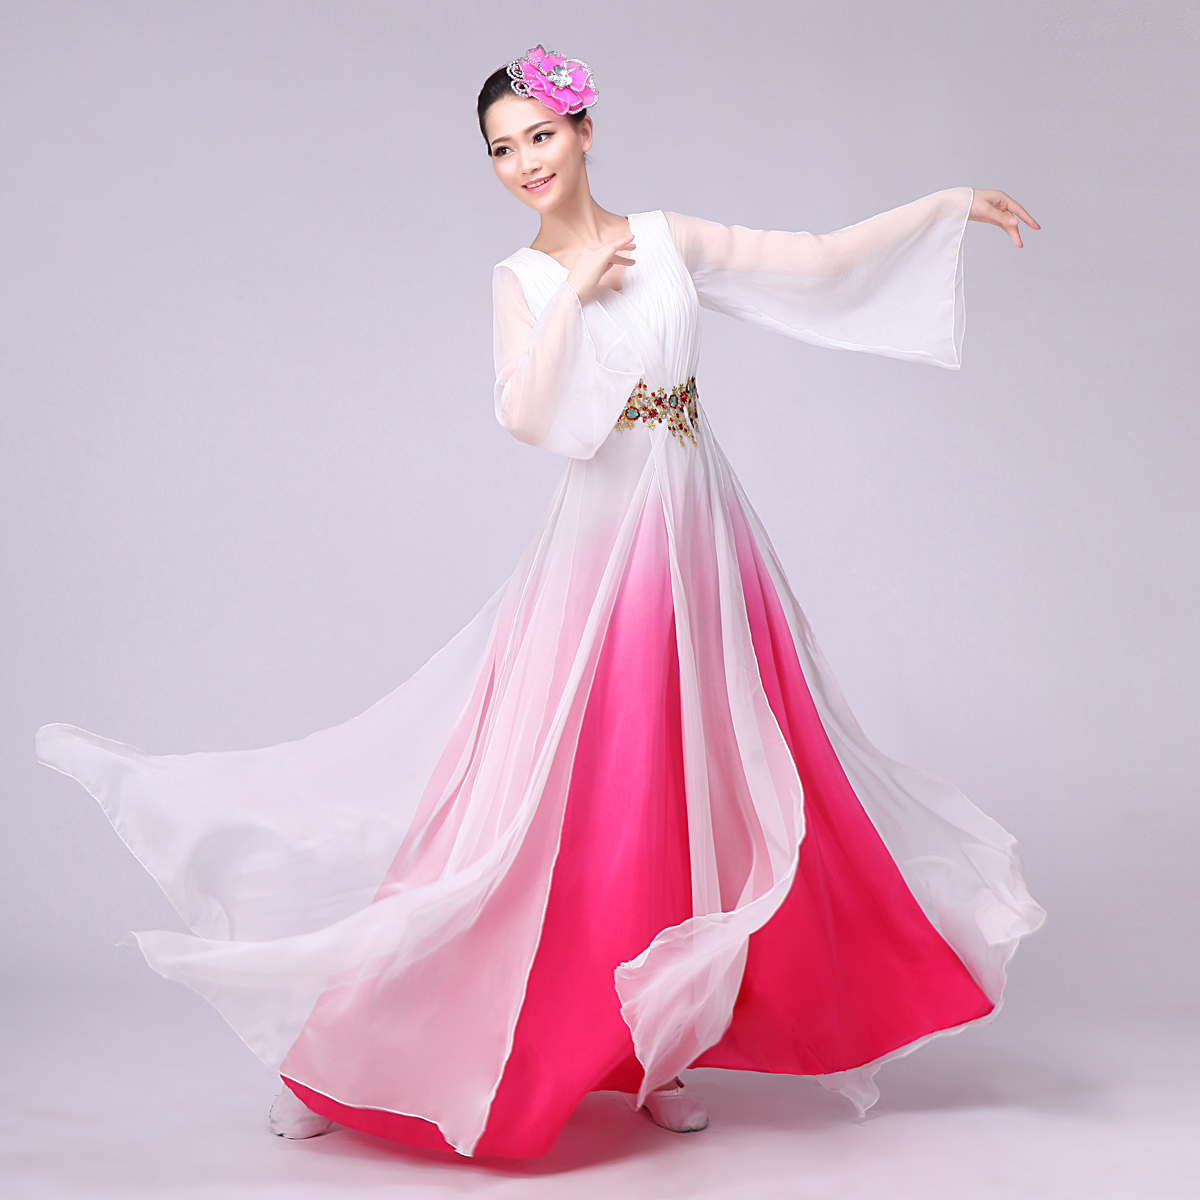 Costume beautiful dance costume princess dynasty opera chinese dress